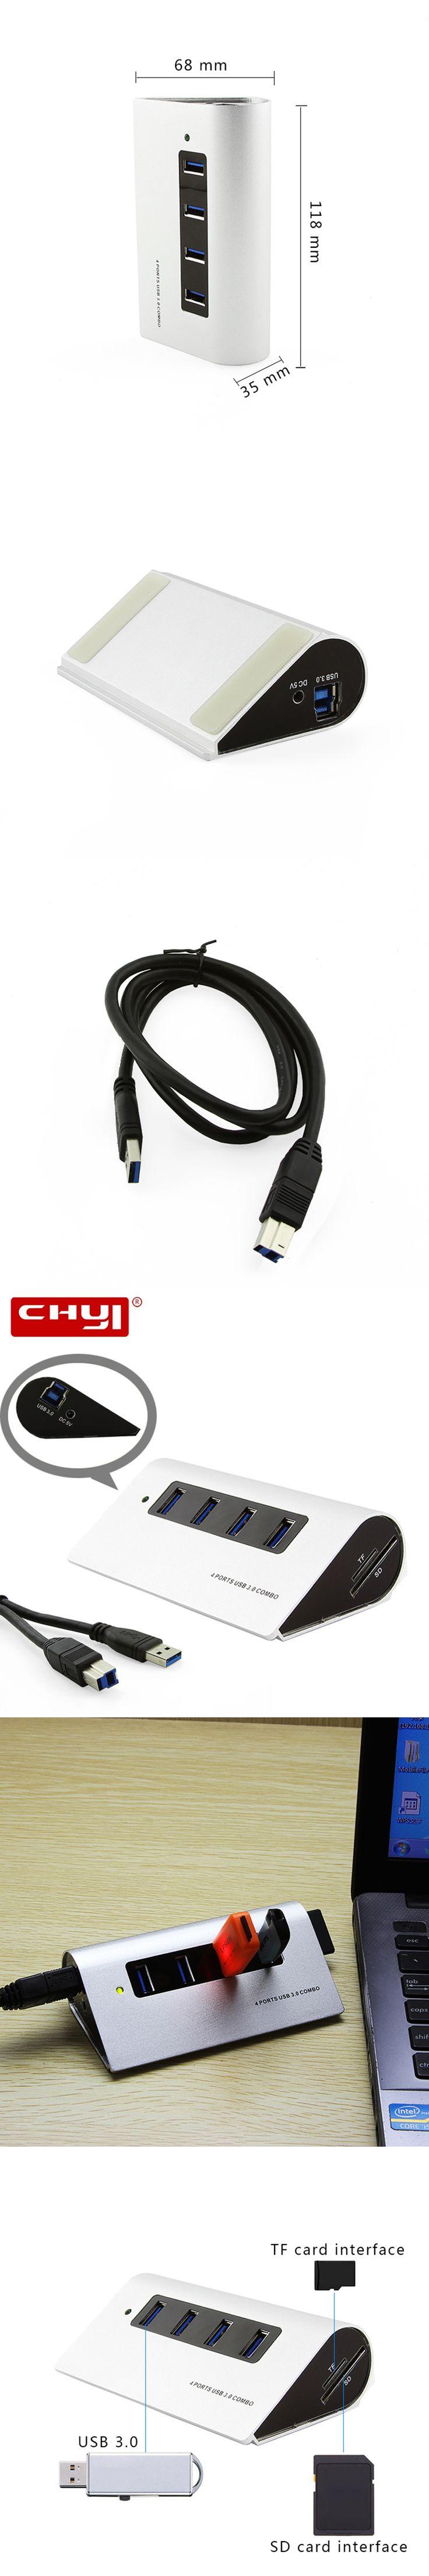 4 ports USB 3.0 HUB High Speed Mini Splitter Portable USB Hub with TF/SD